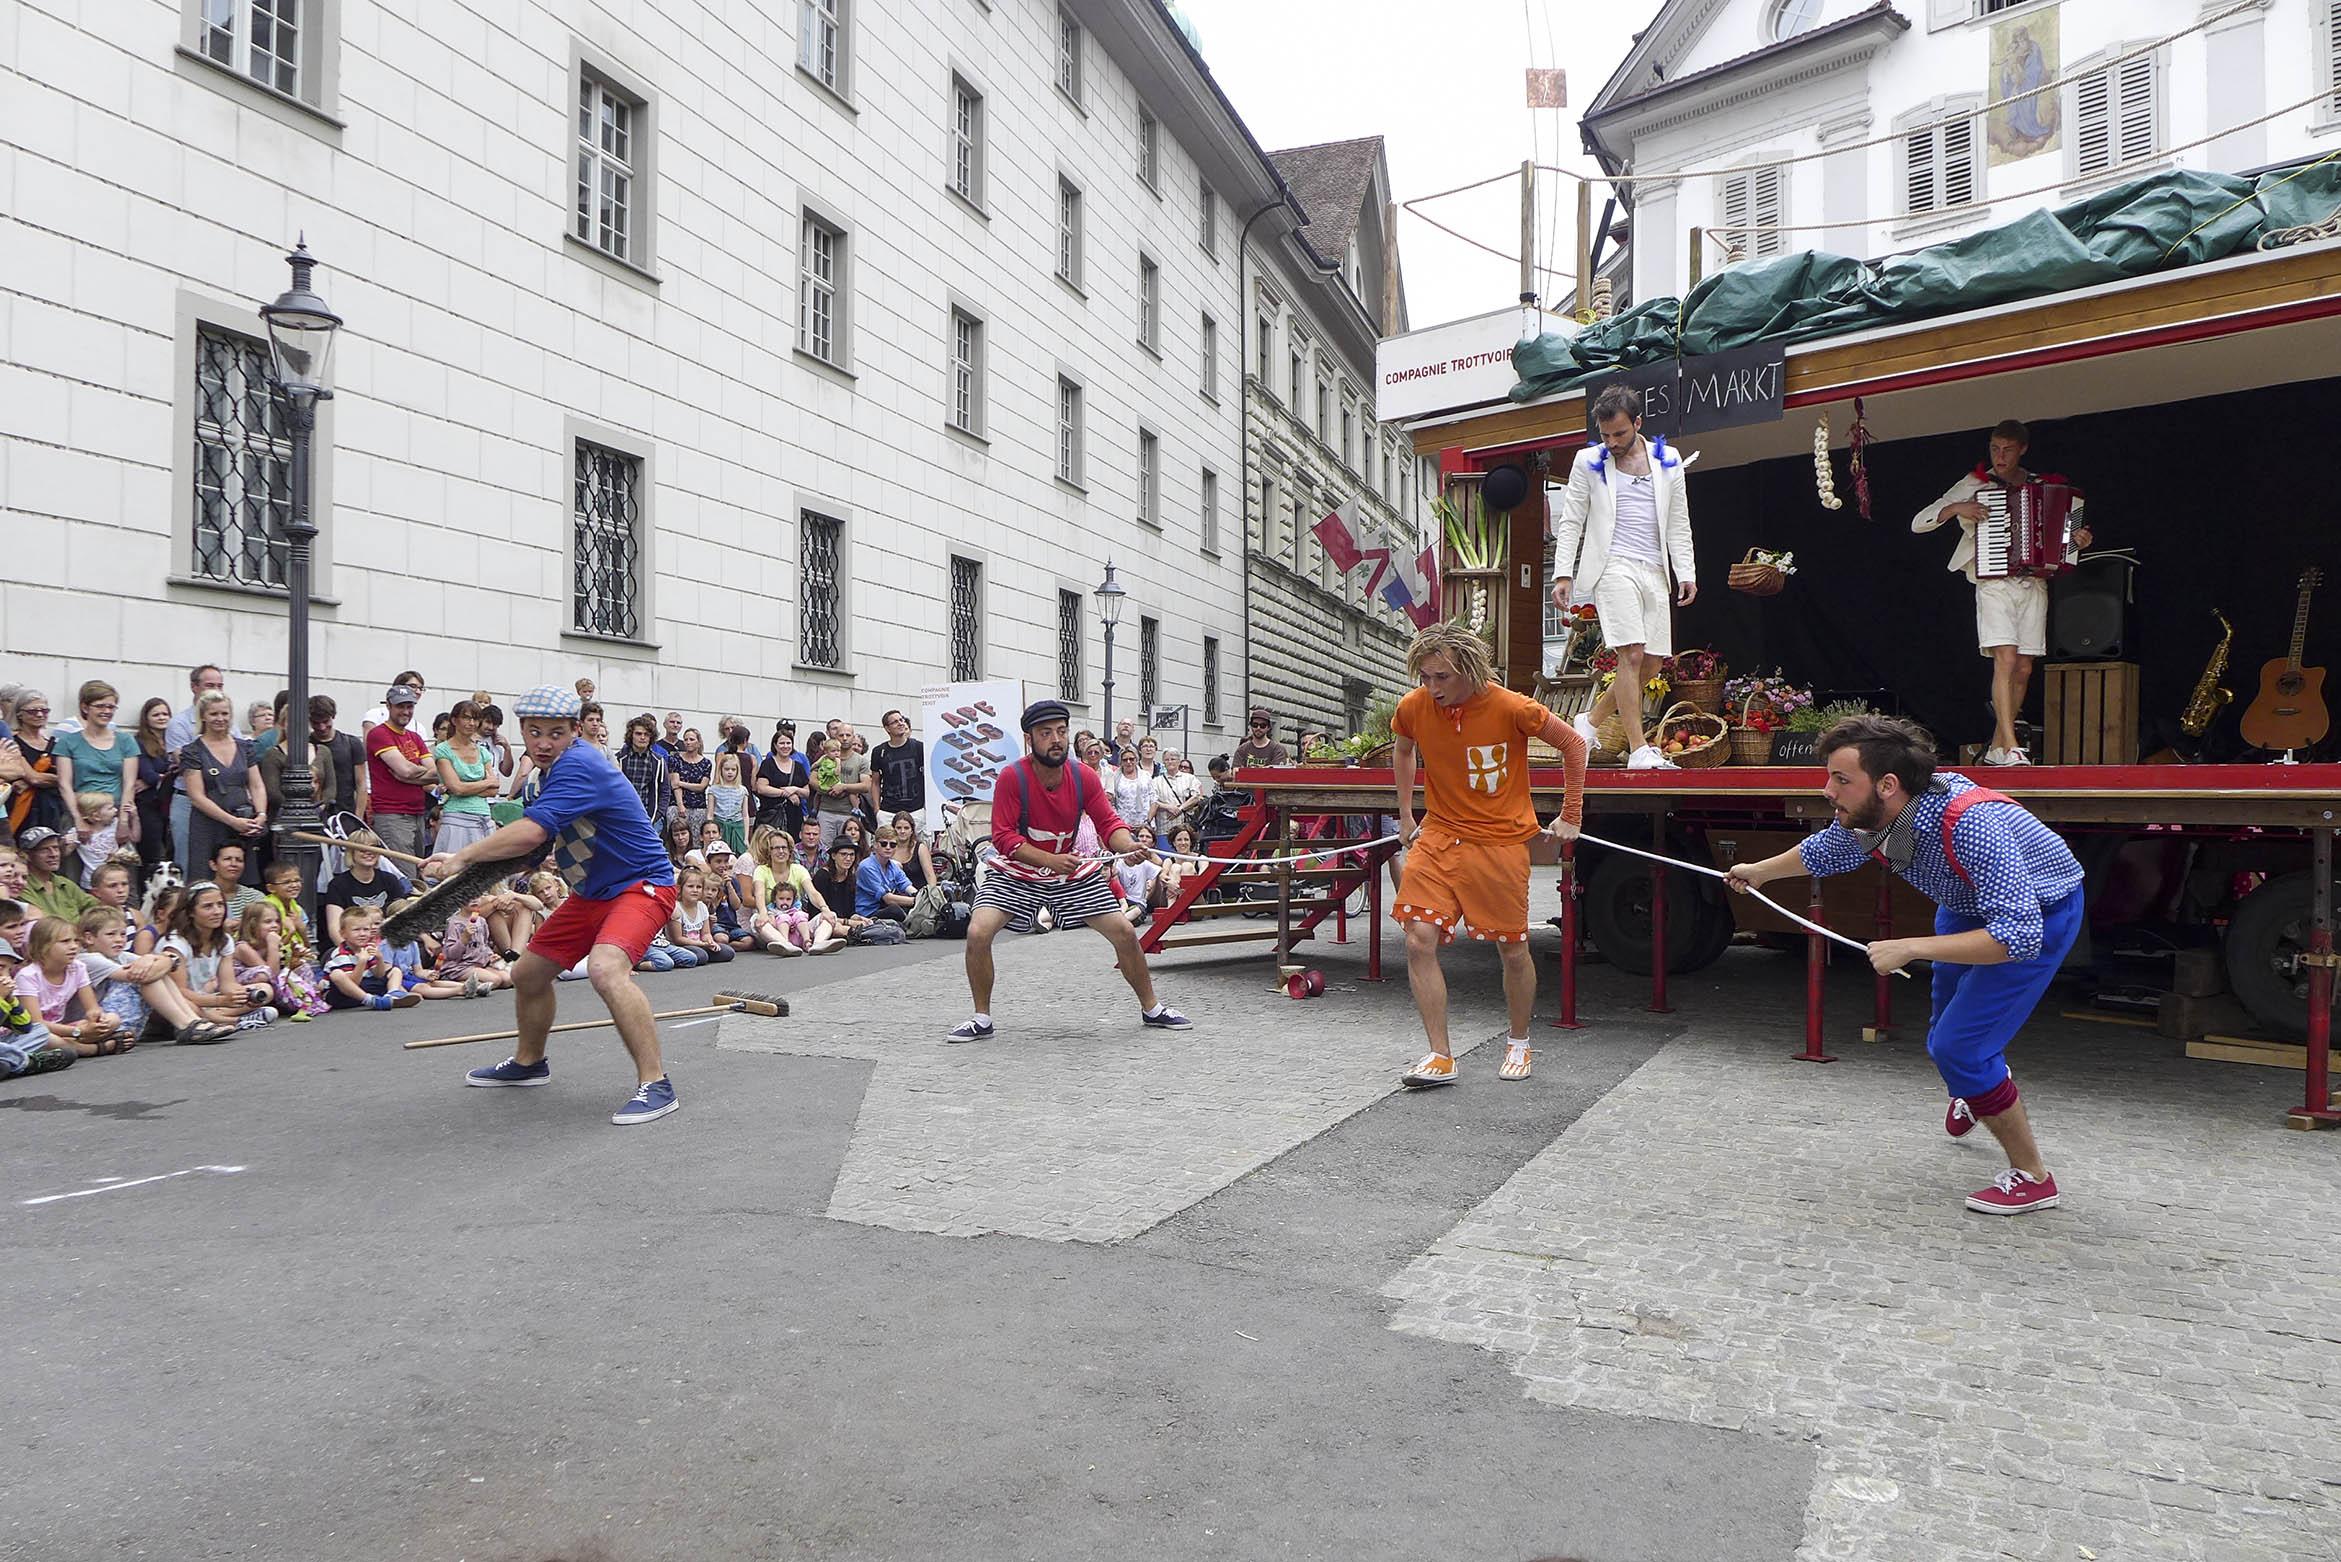 Compagnie-Trottvoir-2014-Luzern-04.jpg